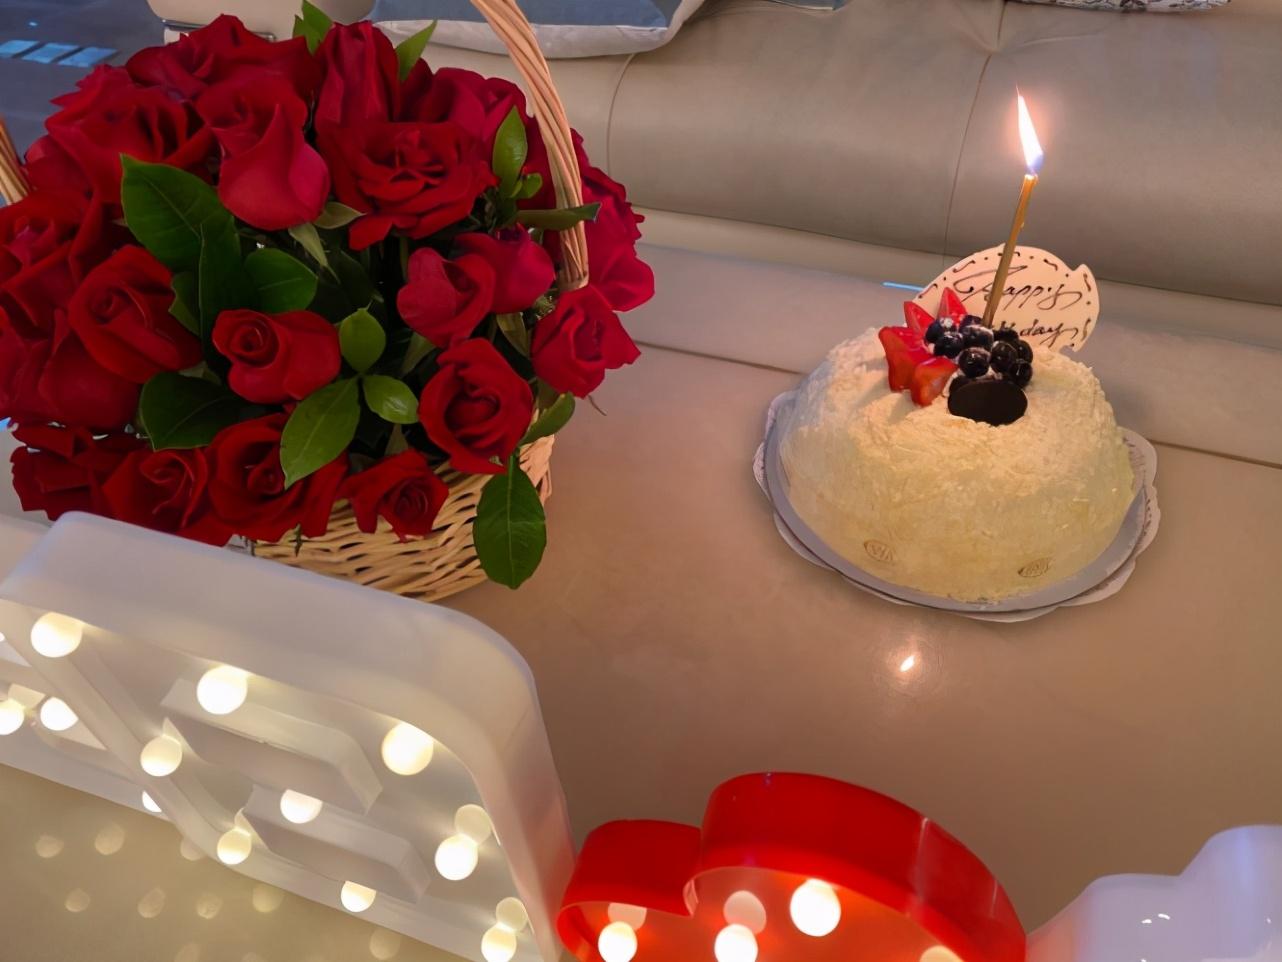 郎朗当爸后迎首个生日,与吉娜合体包粽子庆生,夫妻幸福相拥甜齁